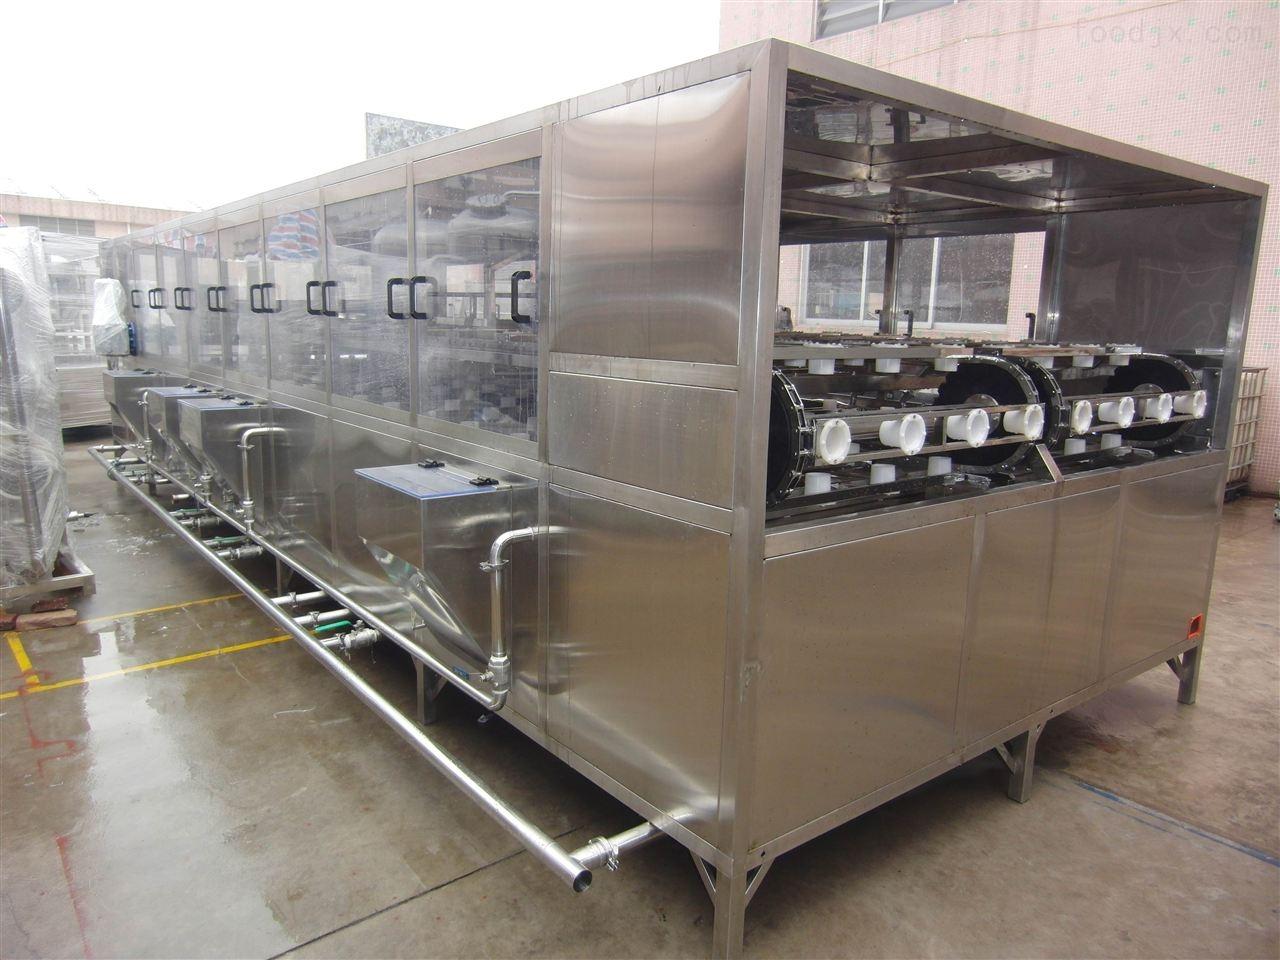 桶装水全自动灌装生产线设备品牌公司